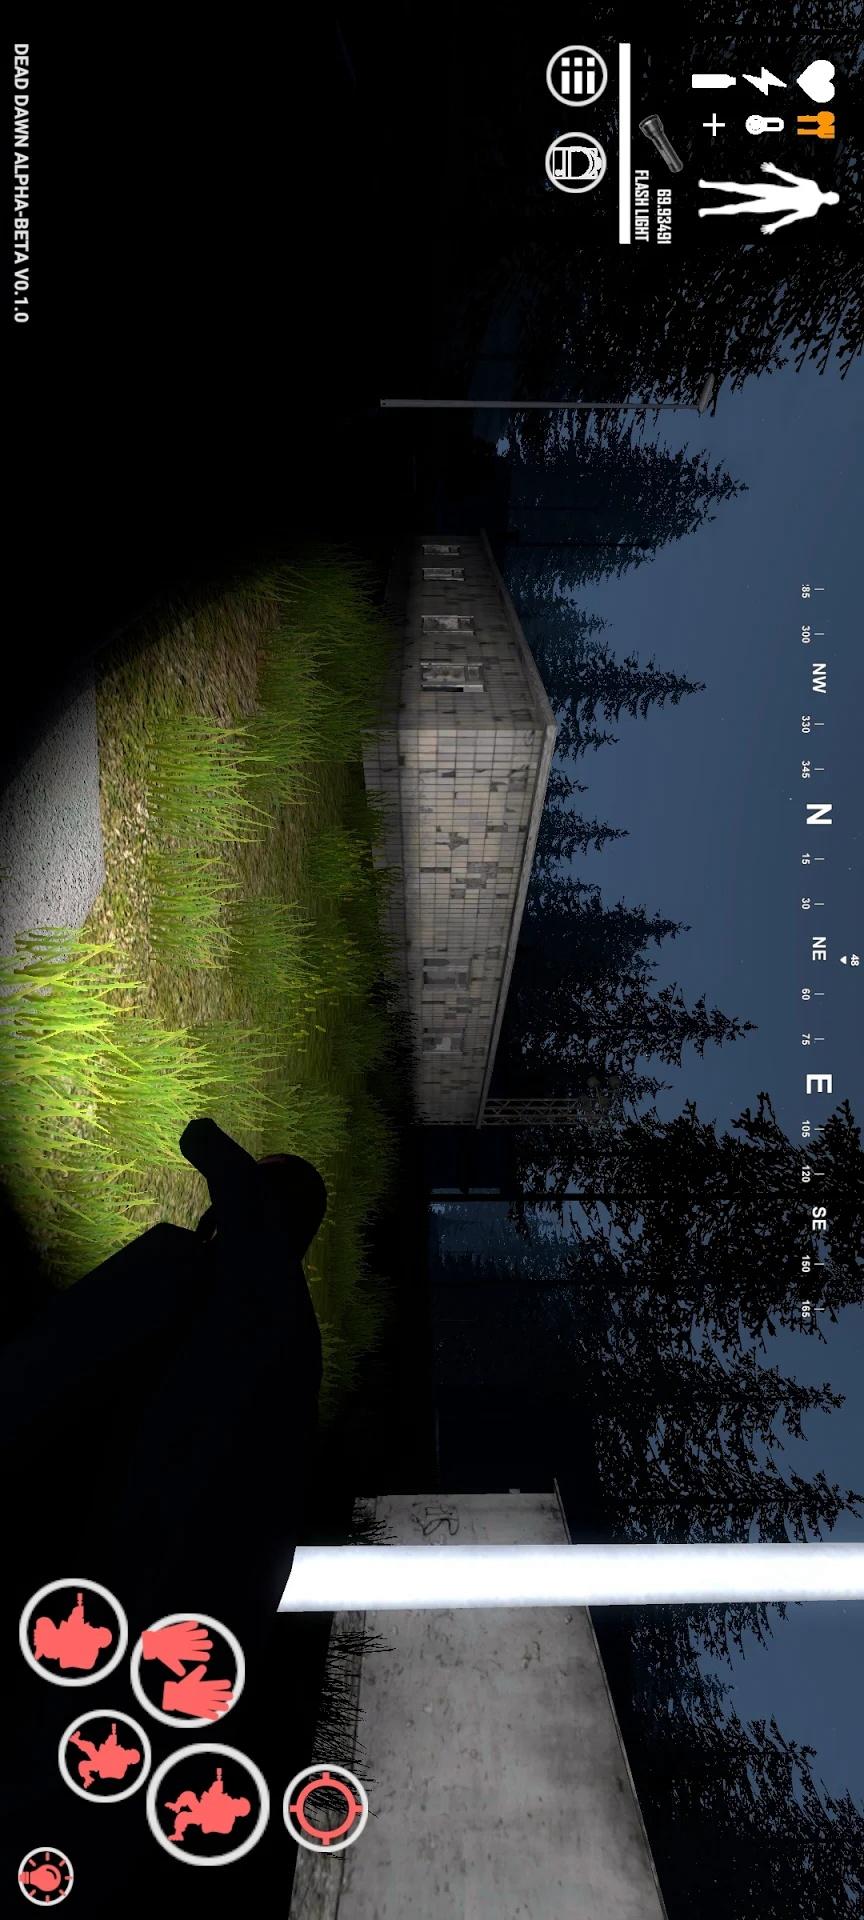 死亡黎明游戏截图